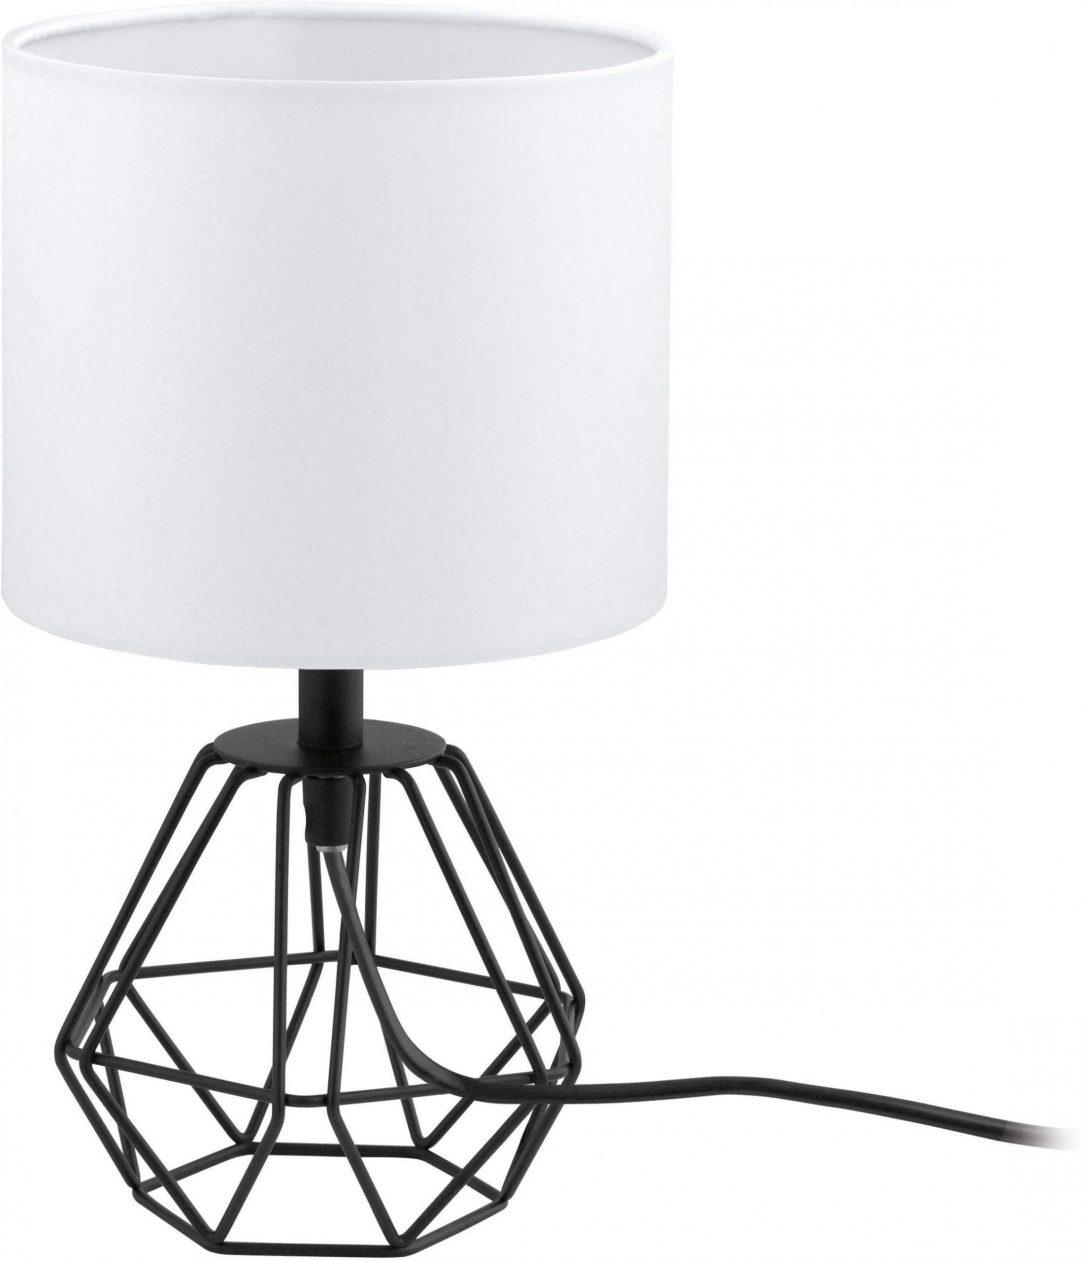 Large Size of Tischlampe Wohnzimmer Lampe Led Das Beste Von Inspirierend Teppiche Hängelampe Wandbilder Vorhang Stehlampe Teppich Liege Relaxliege Sessel Deko Pendelleuchte Wohnzimmer Tischlampe Wohnzimmer